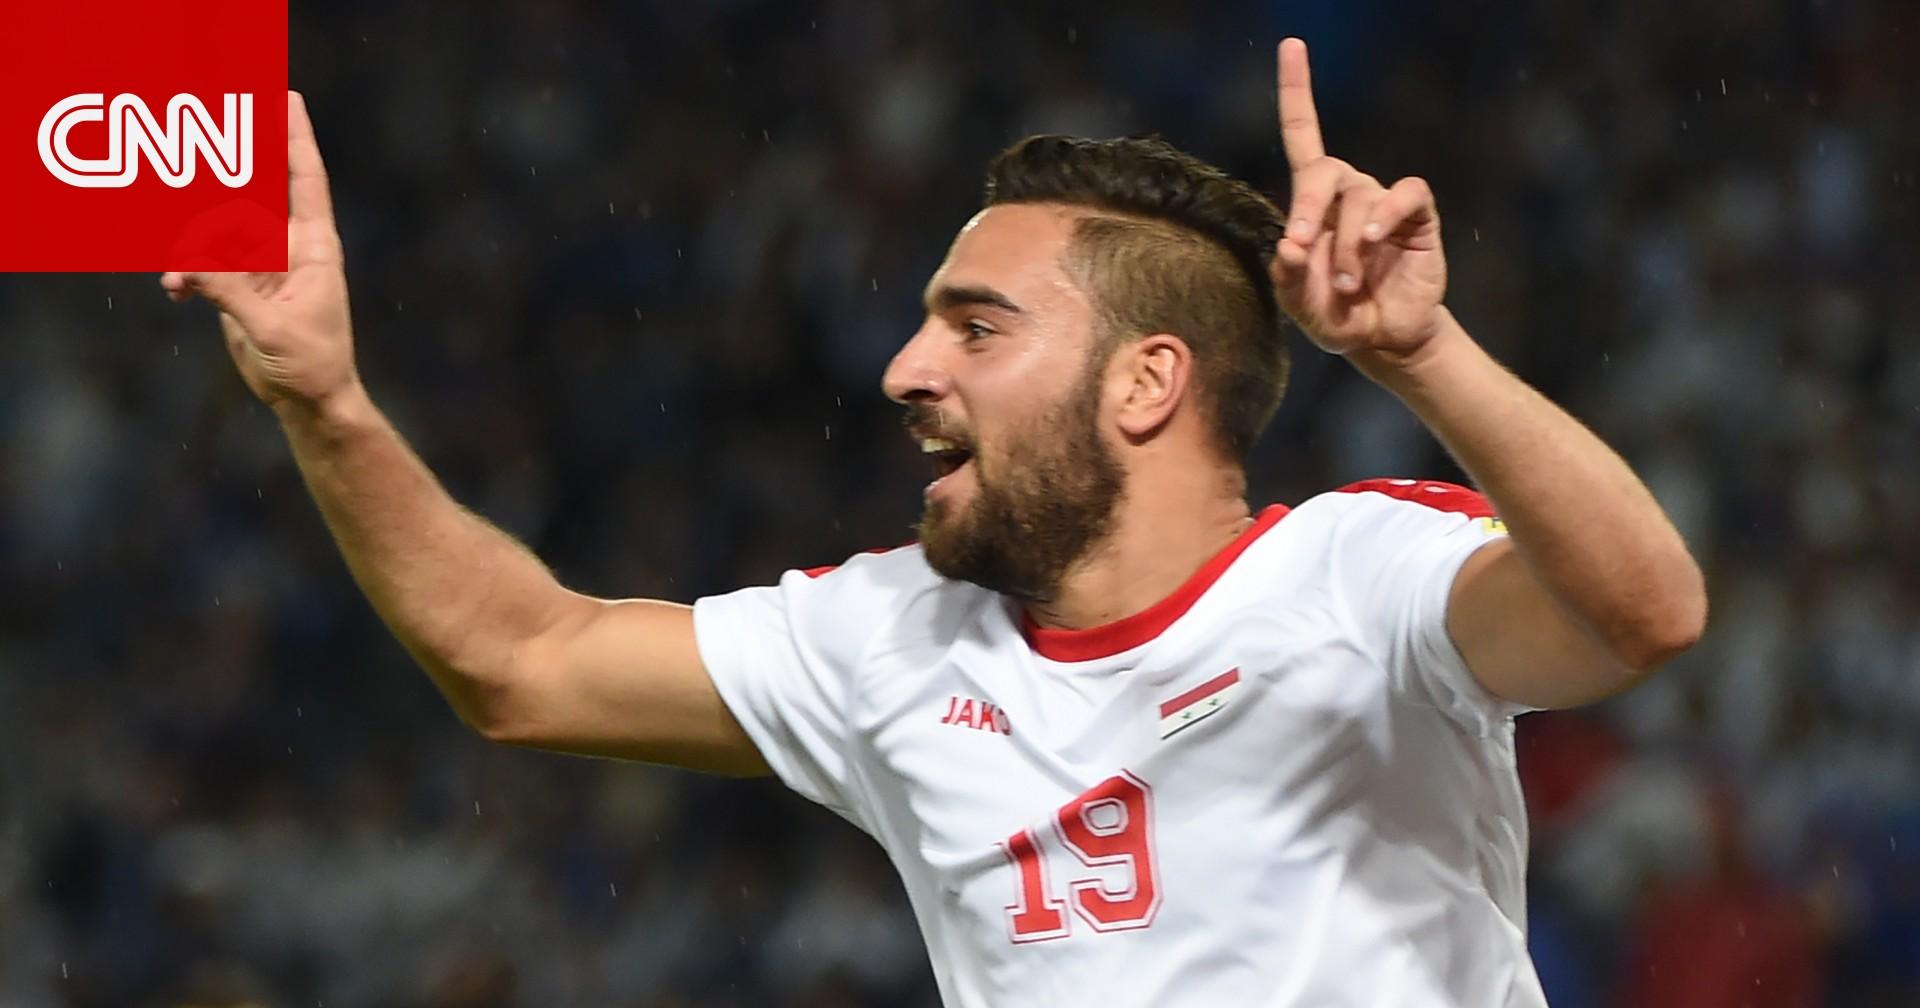 إصابة 4 من لاعبي منتخب سوريا الأول لكرة القدم بفيروس كورونا المستجد